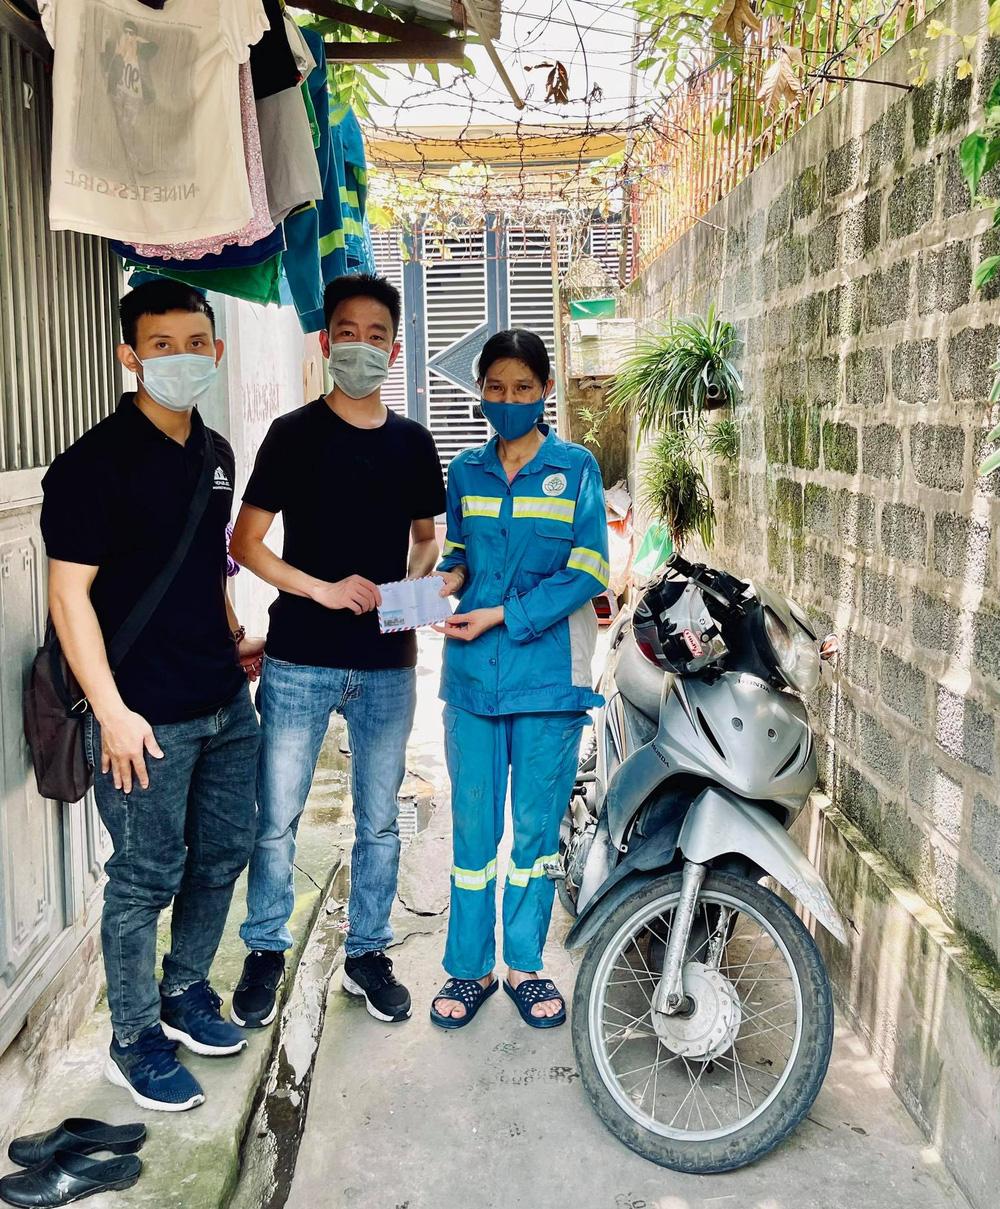 Diễn biến bất ngờ vụ cướp xe máy của nữ lao công ở Hà Nội: Thêm đối tượng thứ 5 bị bắt giữ, lộ kế hoạch 'tẩu tán' tài sản - Ảnh 4